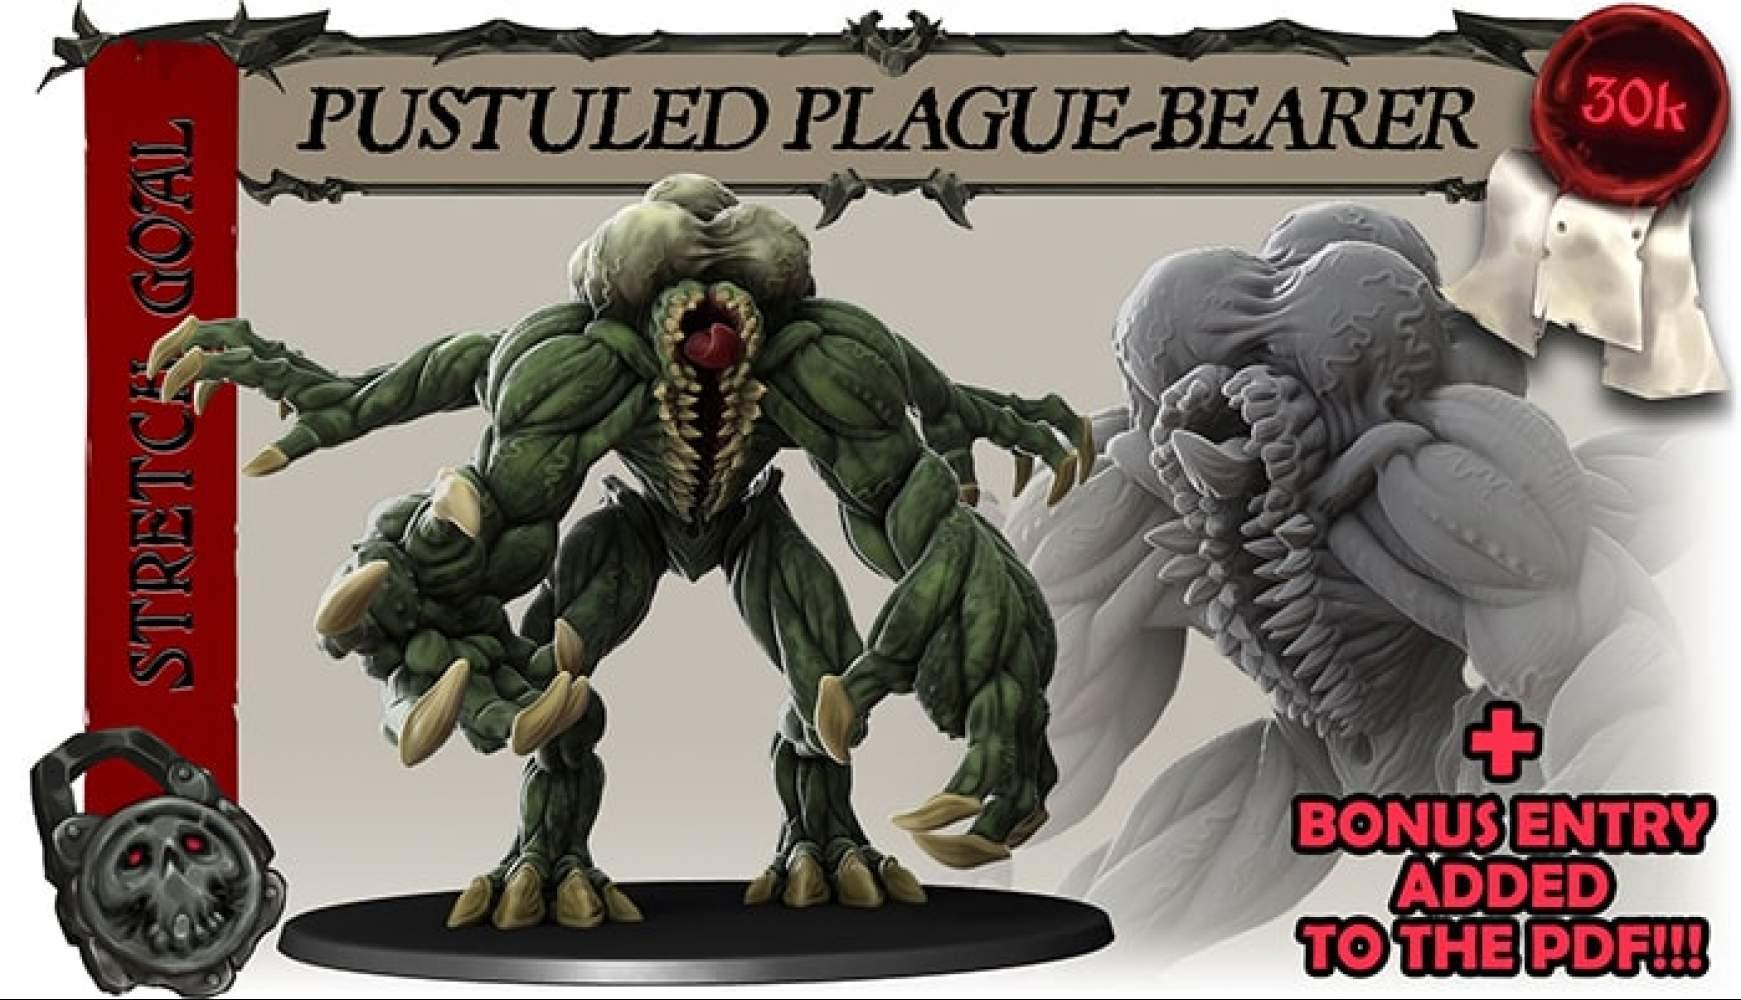 PUSTULED PLAGUE-BEARER